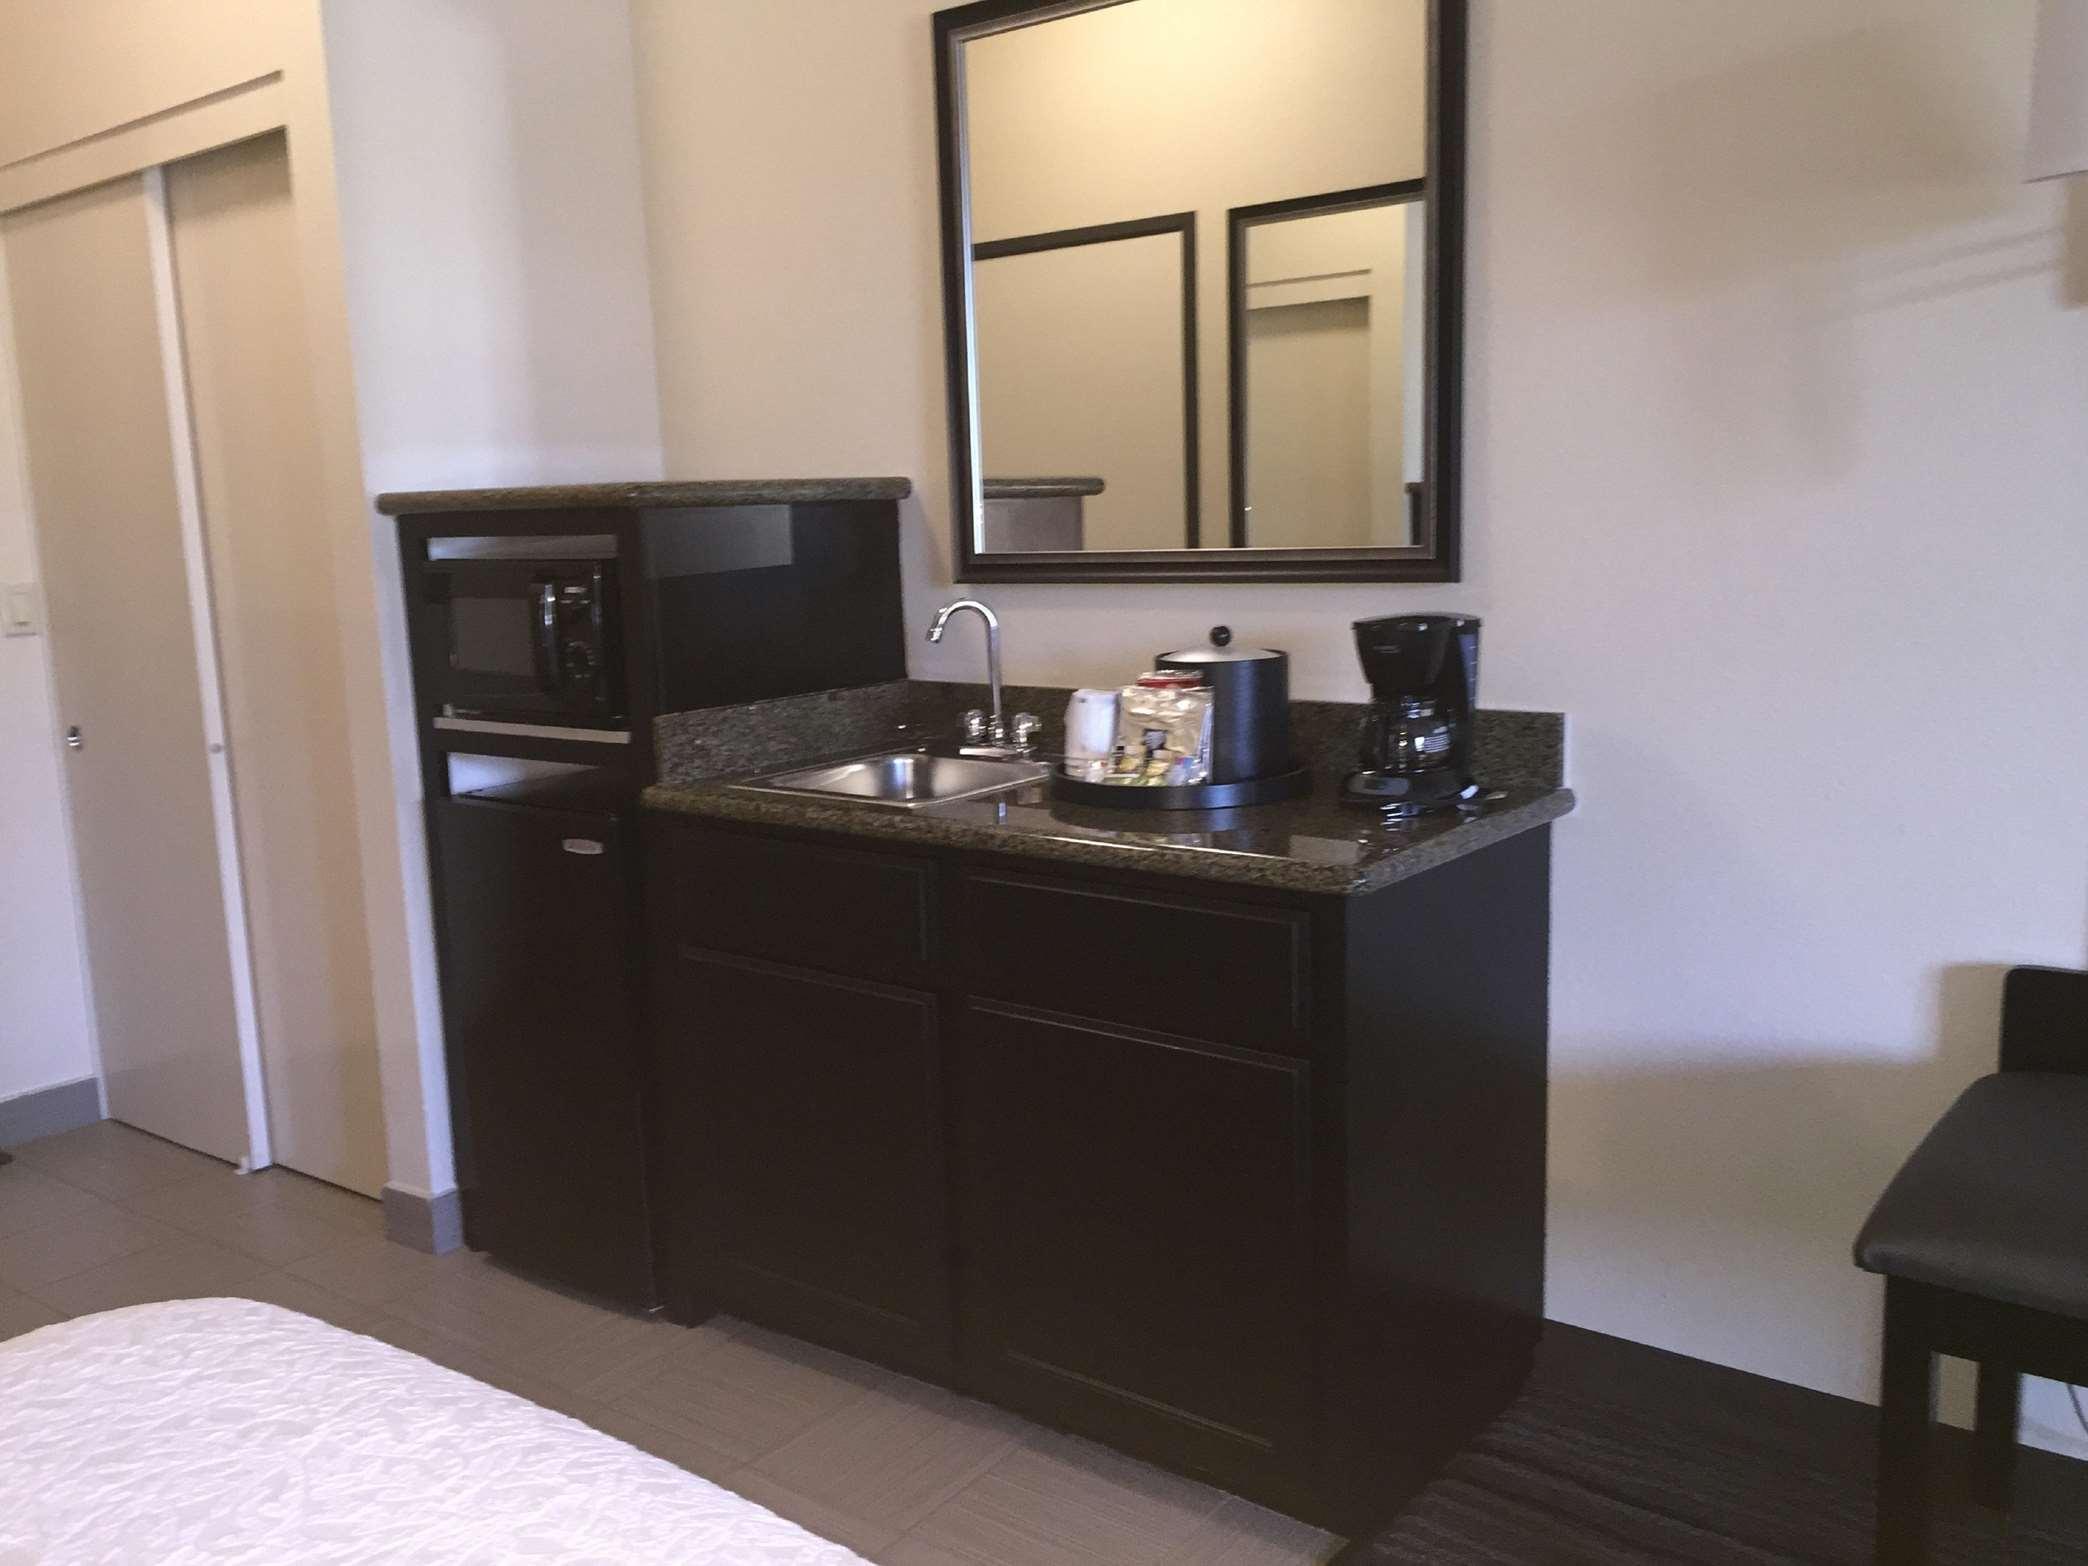 Hampton Inn & Suites Mountain View image 31